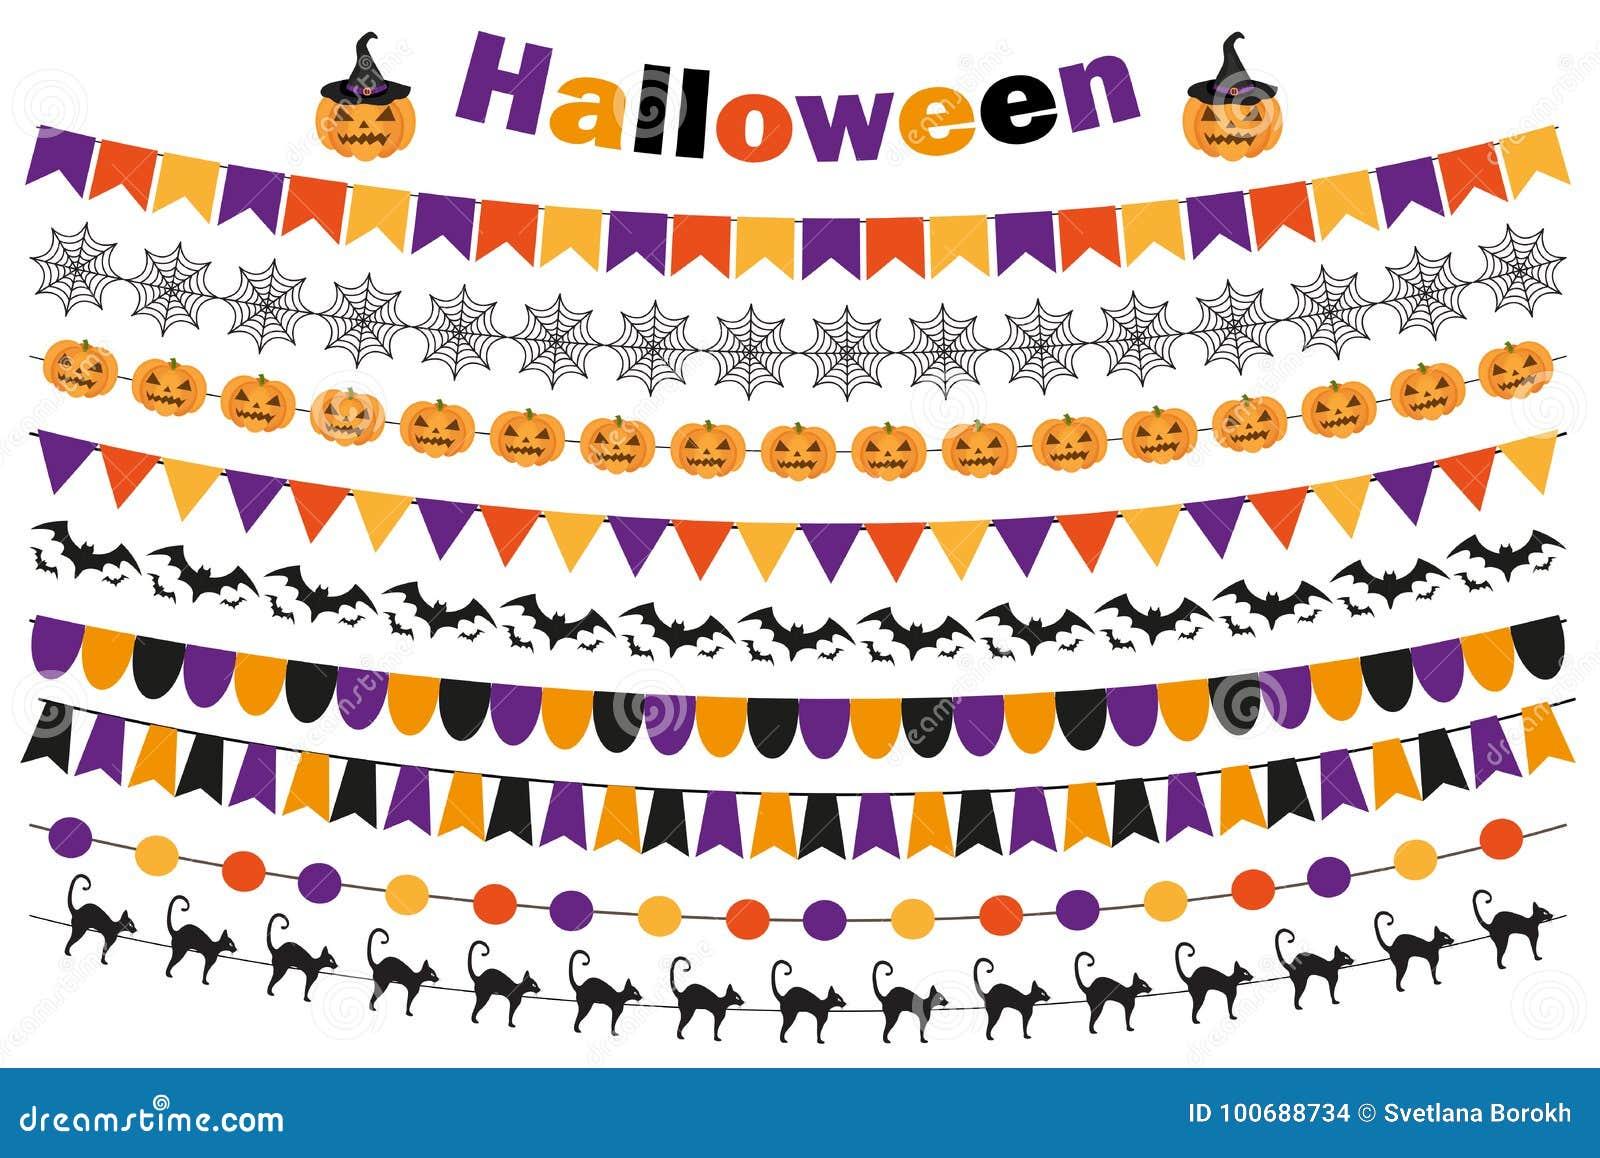 Halloweenowy Ustawiający świąteczne Dekoracje Zaznacza